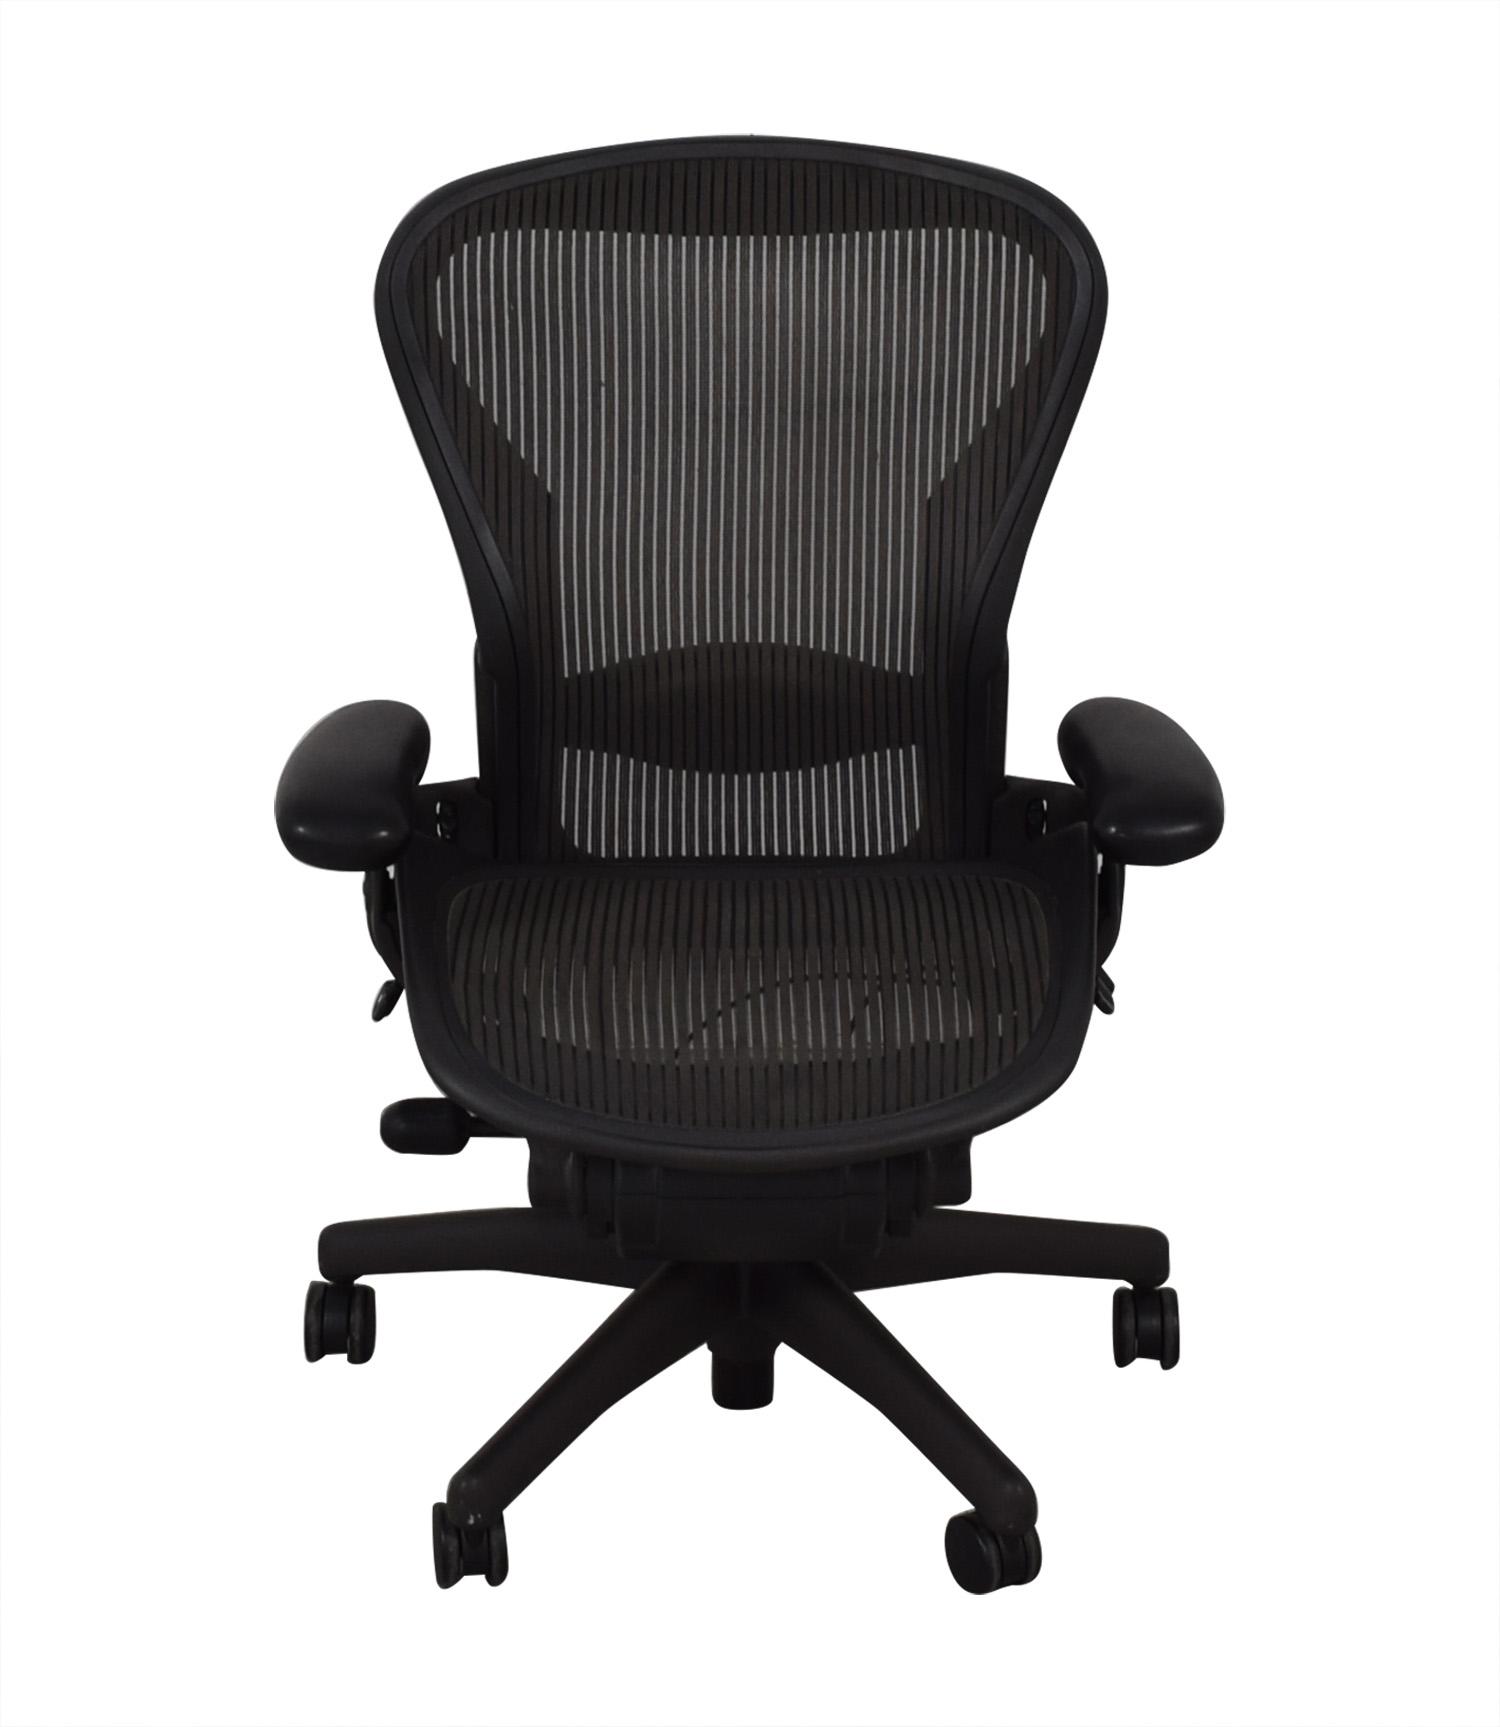 Herman Miller Herman Miller Aeron Office Chair coupon